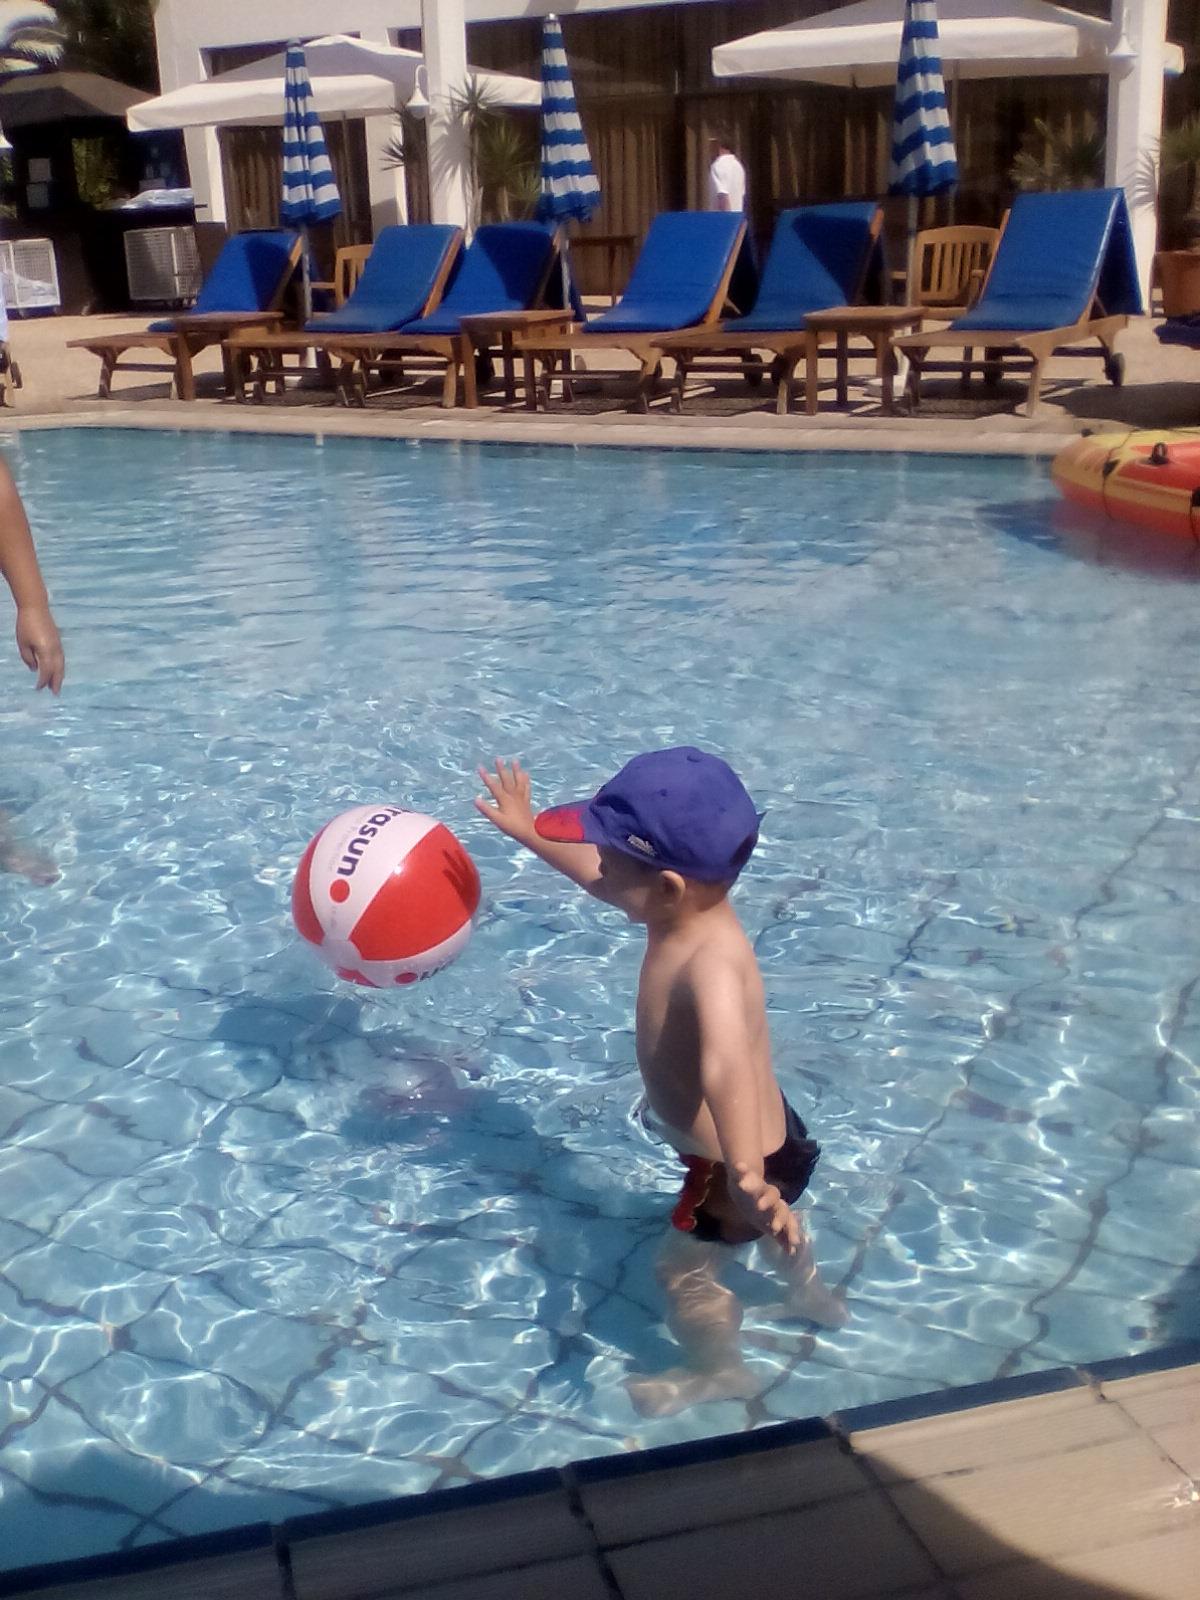 В бассейне с любимым мячиком!Максим счастлив!. Читаем и играем